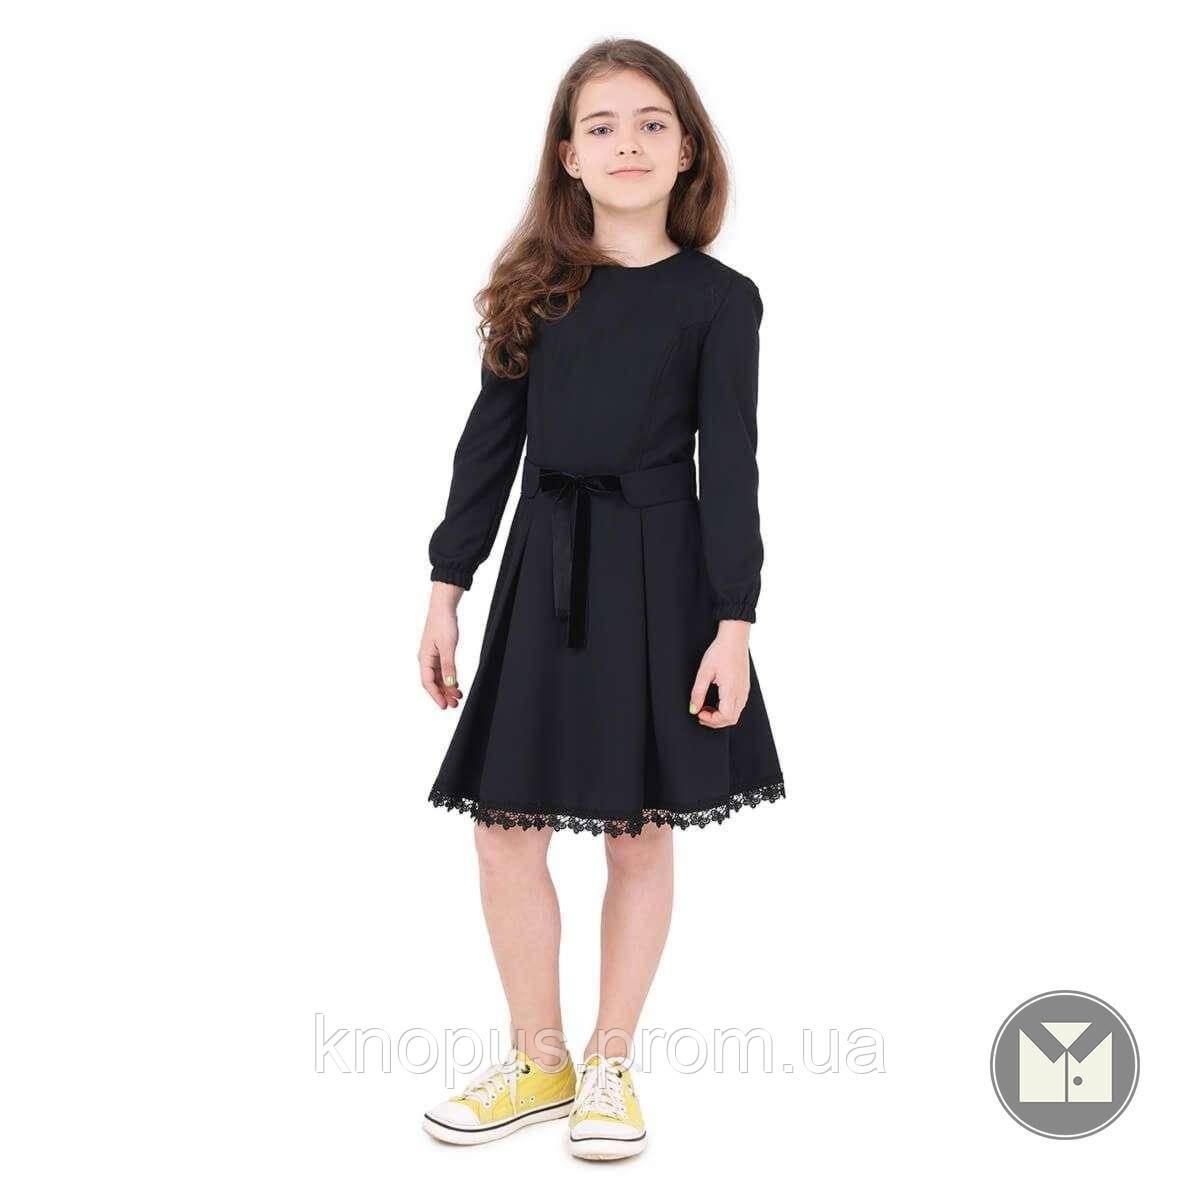 Платье для девочки полушерстяное, черное, Timbo